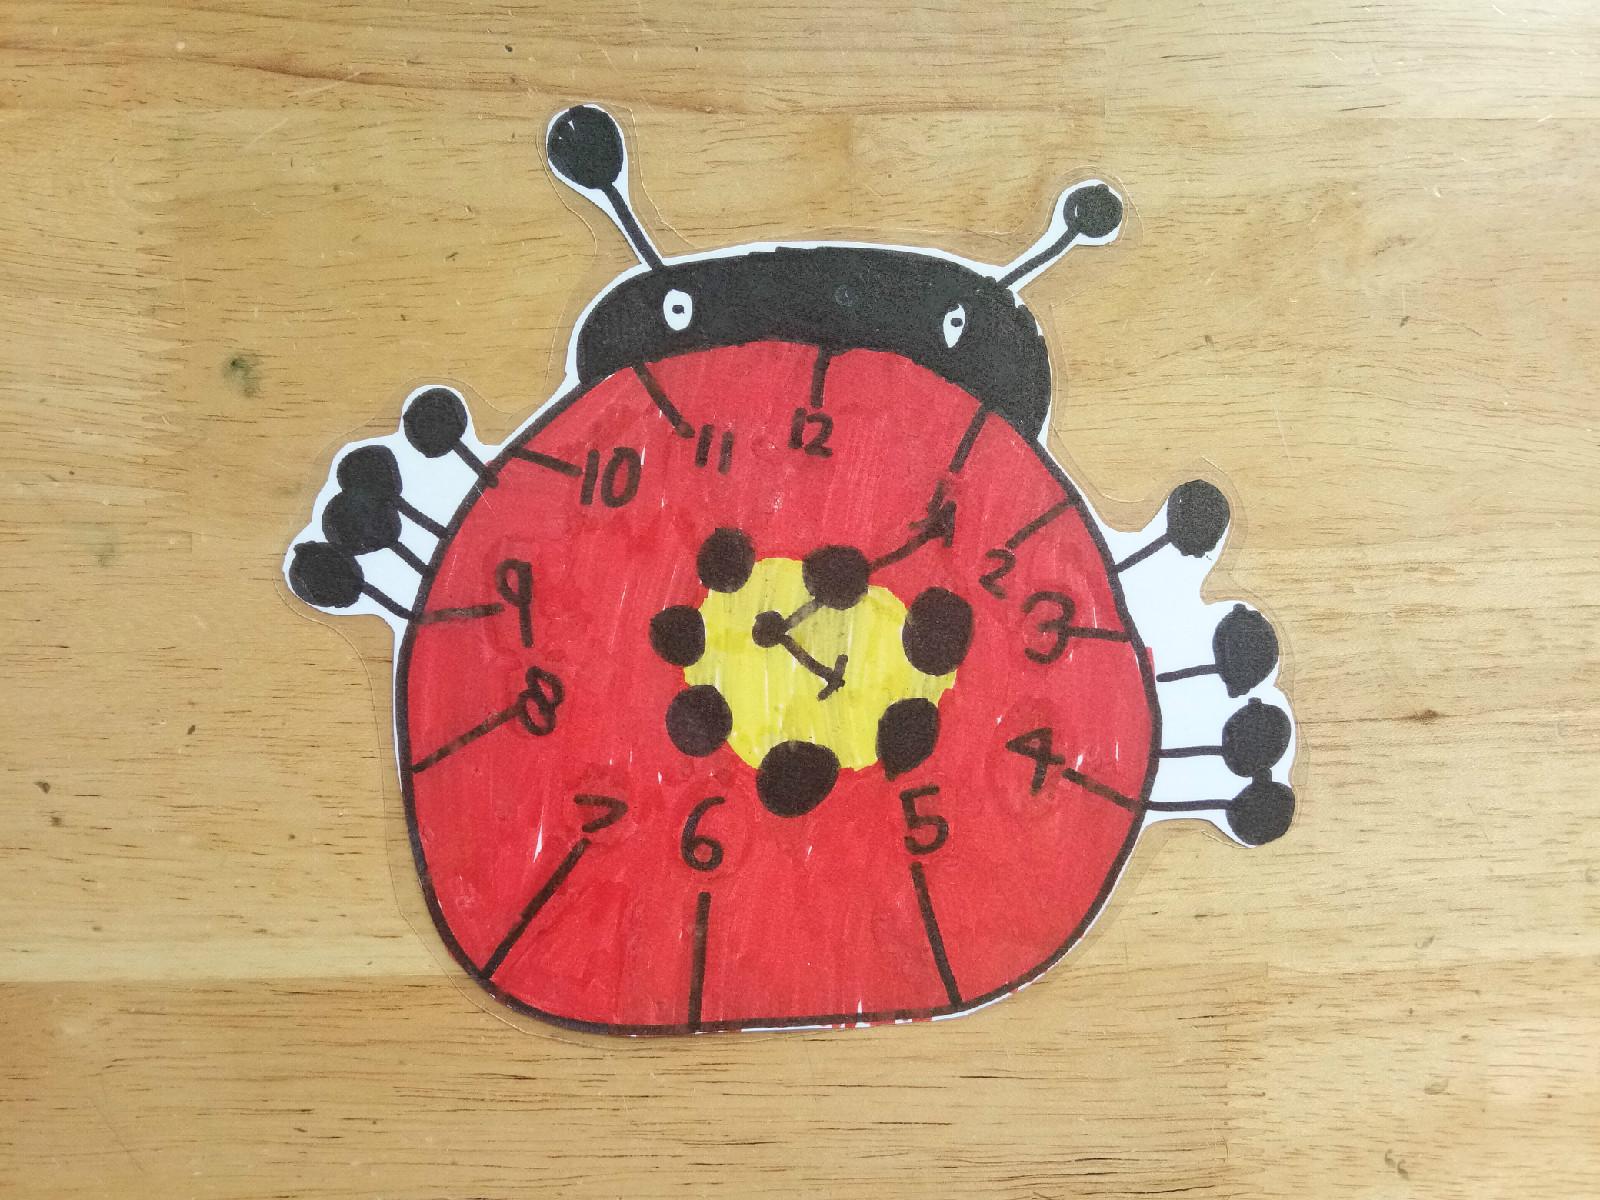 创意时钟 (3)